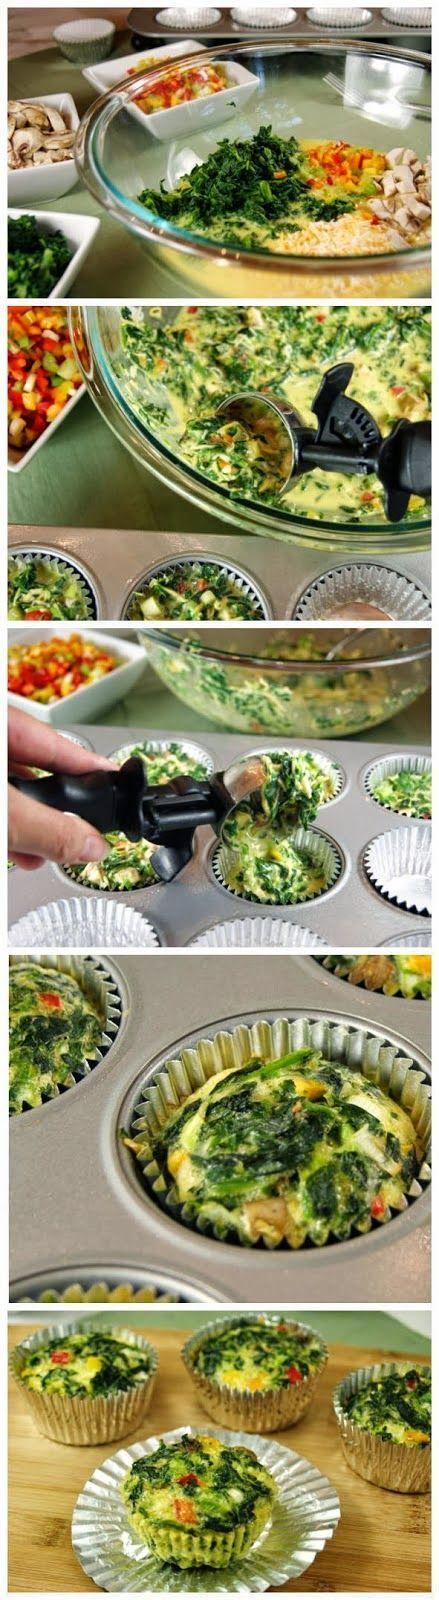 12 spinatmuffins rezepte pinterest rezepte pinterest herzhaft muffins und herzhaft. Black Bedroom Furniture Sets. Home Design Ideas